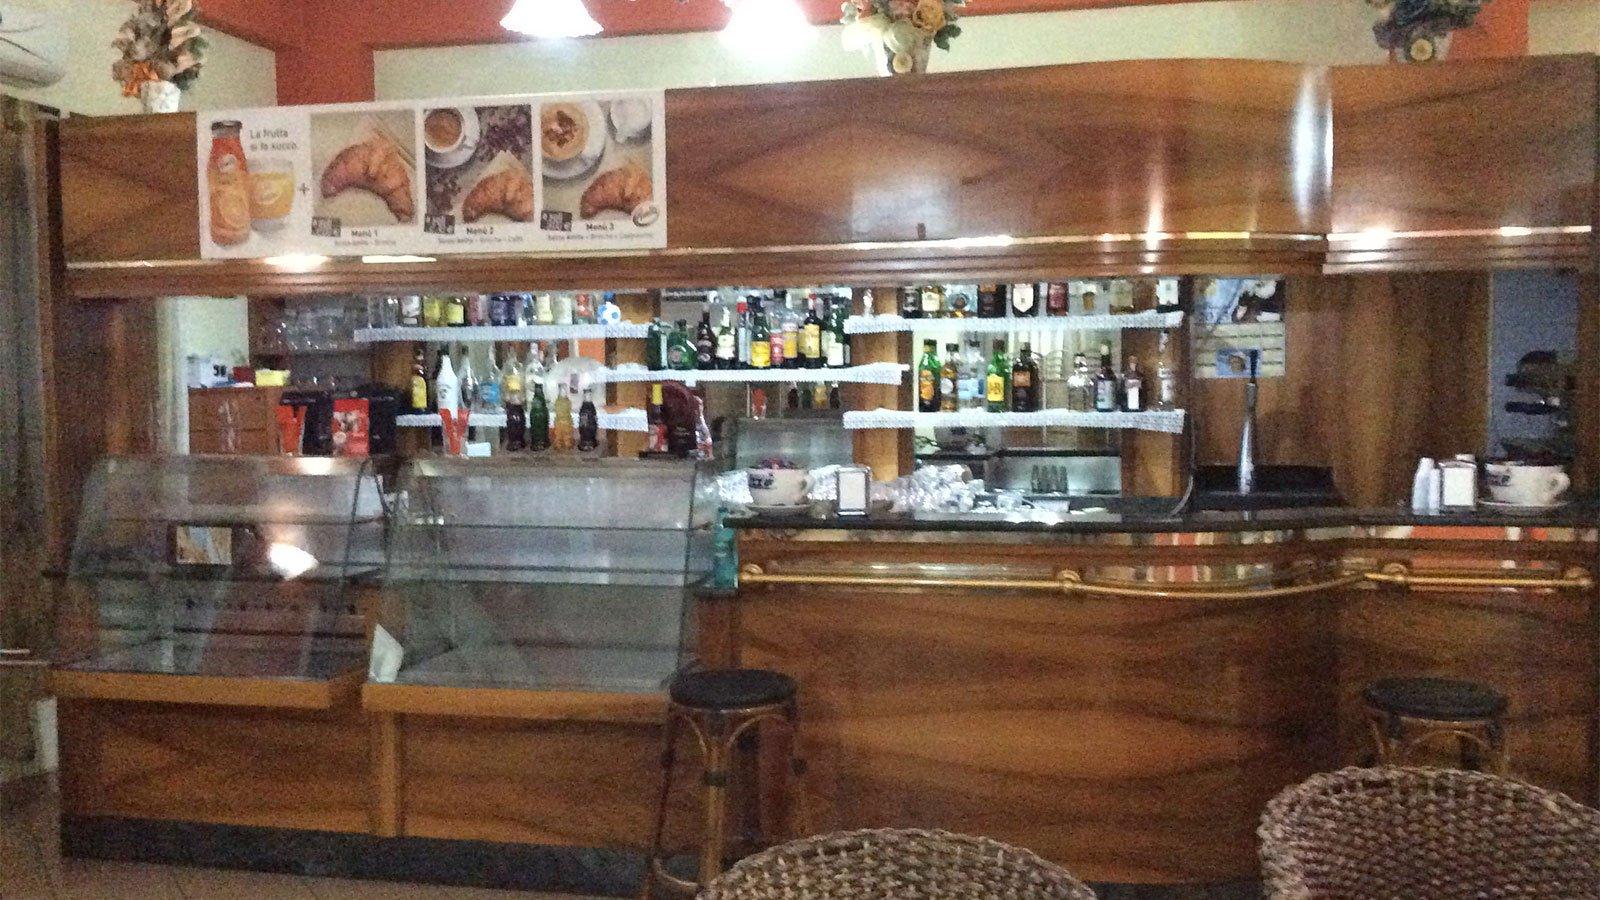 vista del banco di un bar e delle bottiglie di liquori dentro a degli scaffali